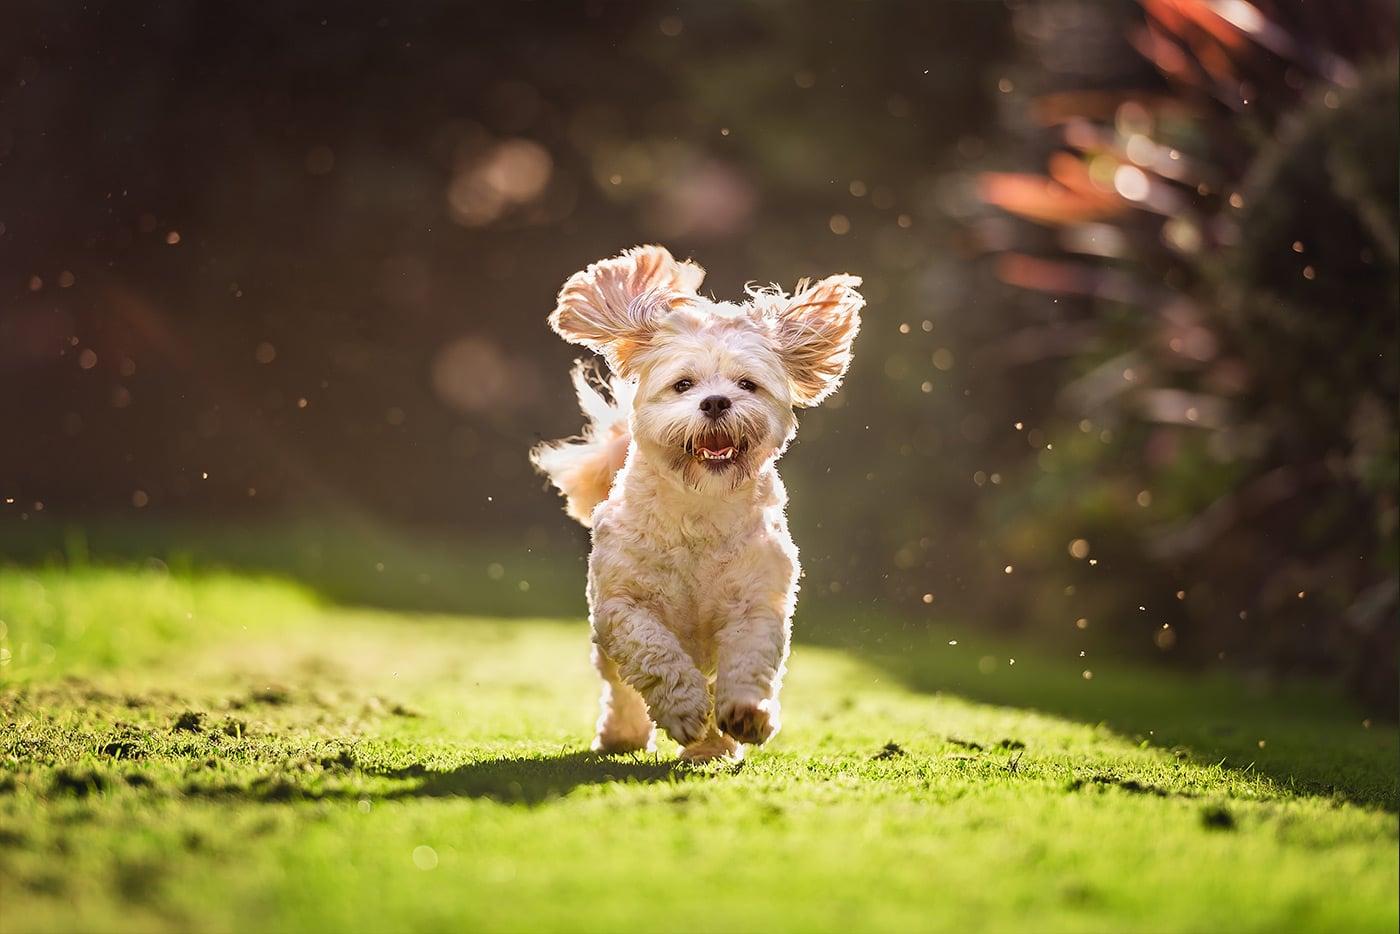 shih tzu puppy running in garden